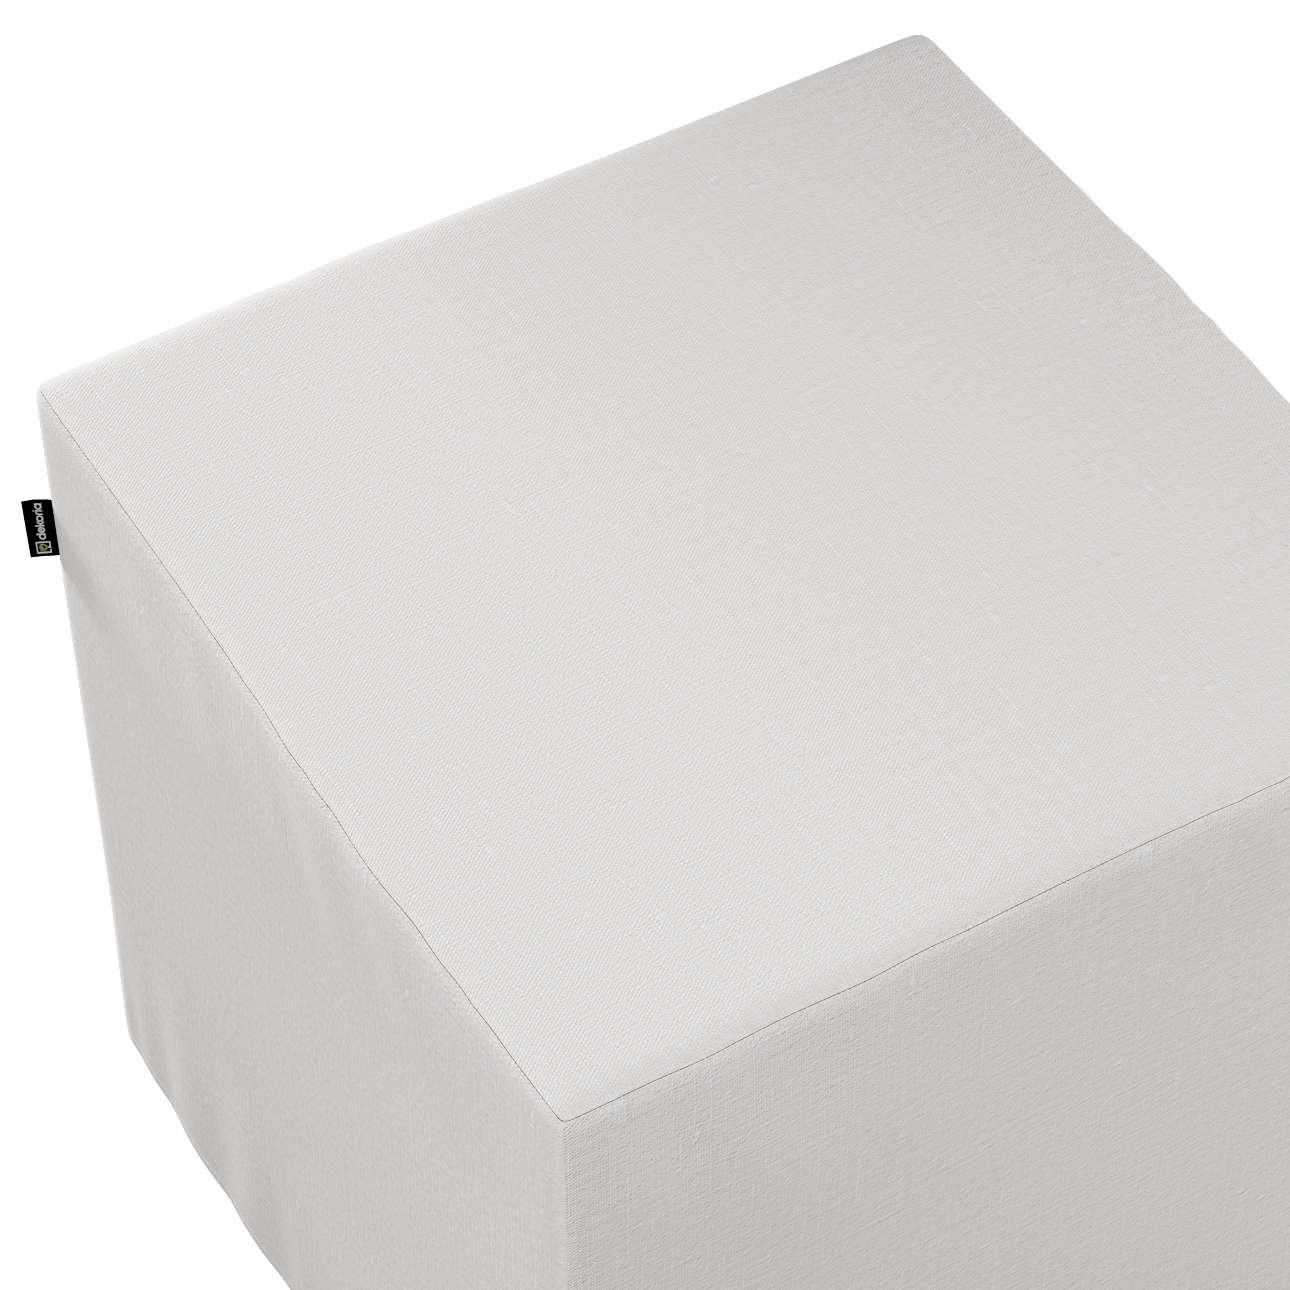 Bezug für Sitzwürfel von der Kollektion Leinen, Stoff: 392-04